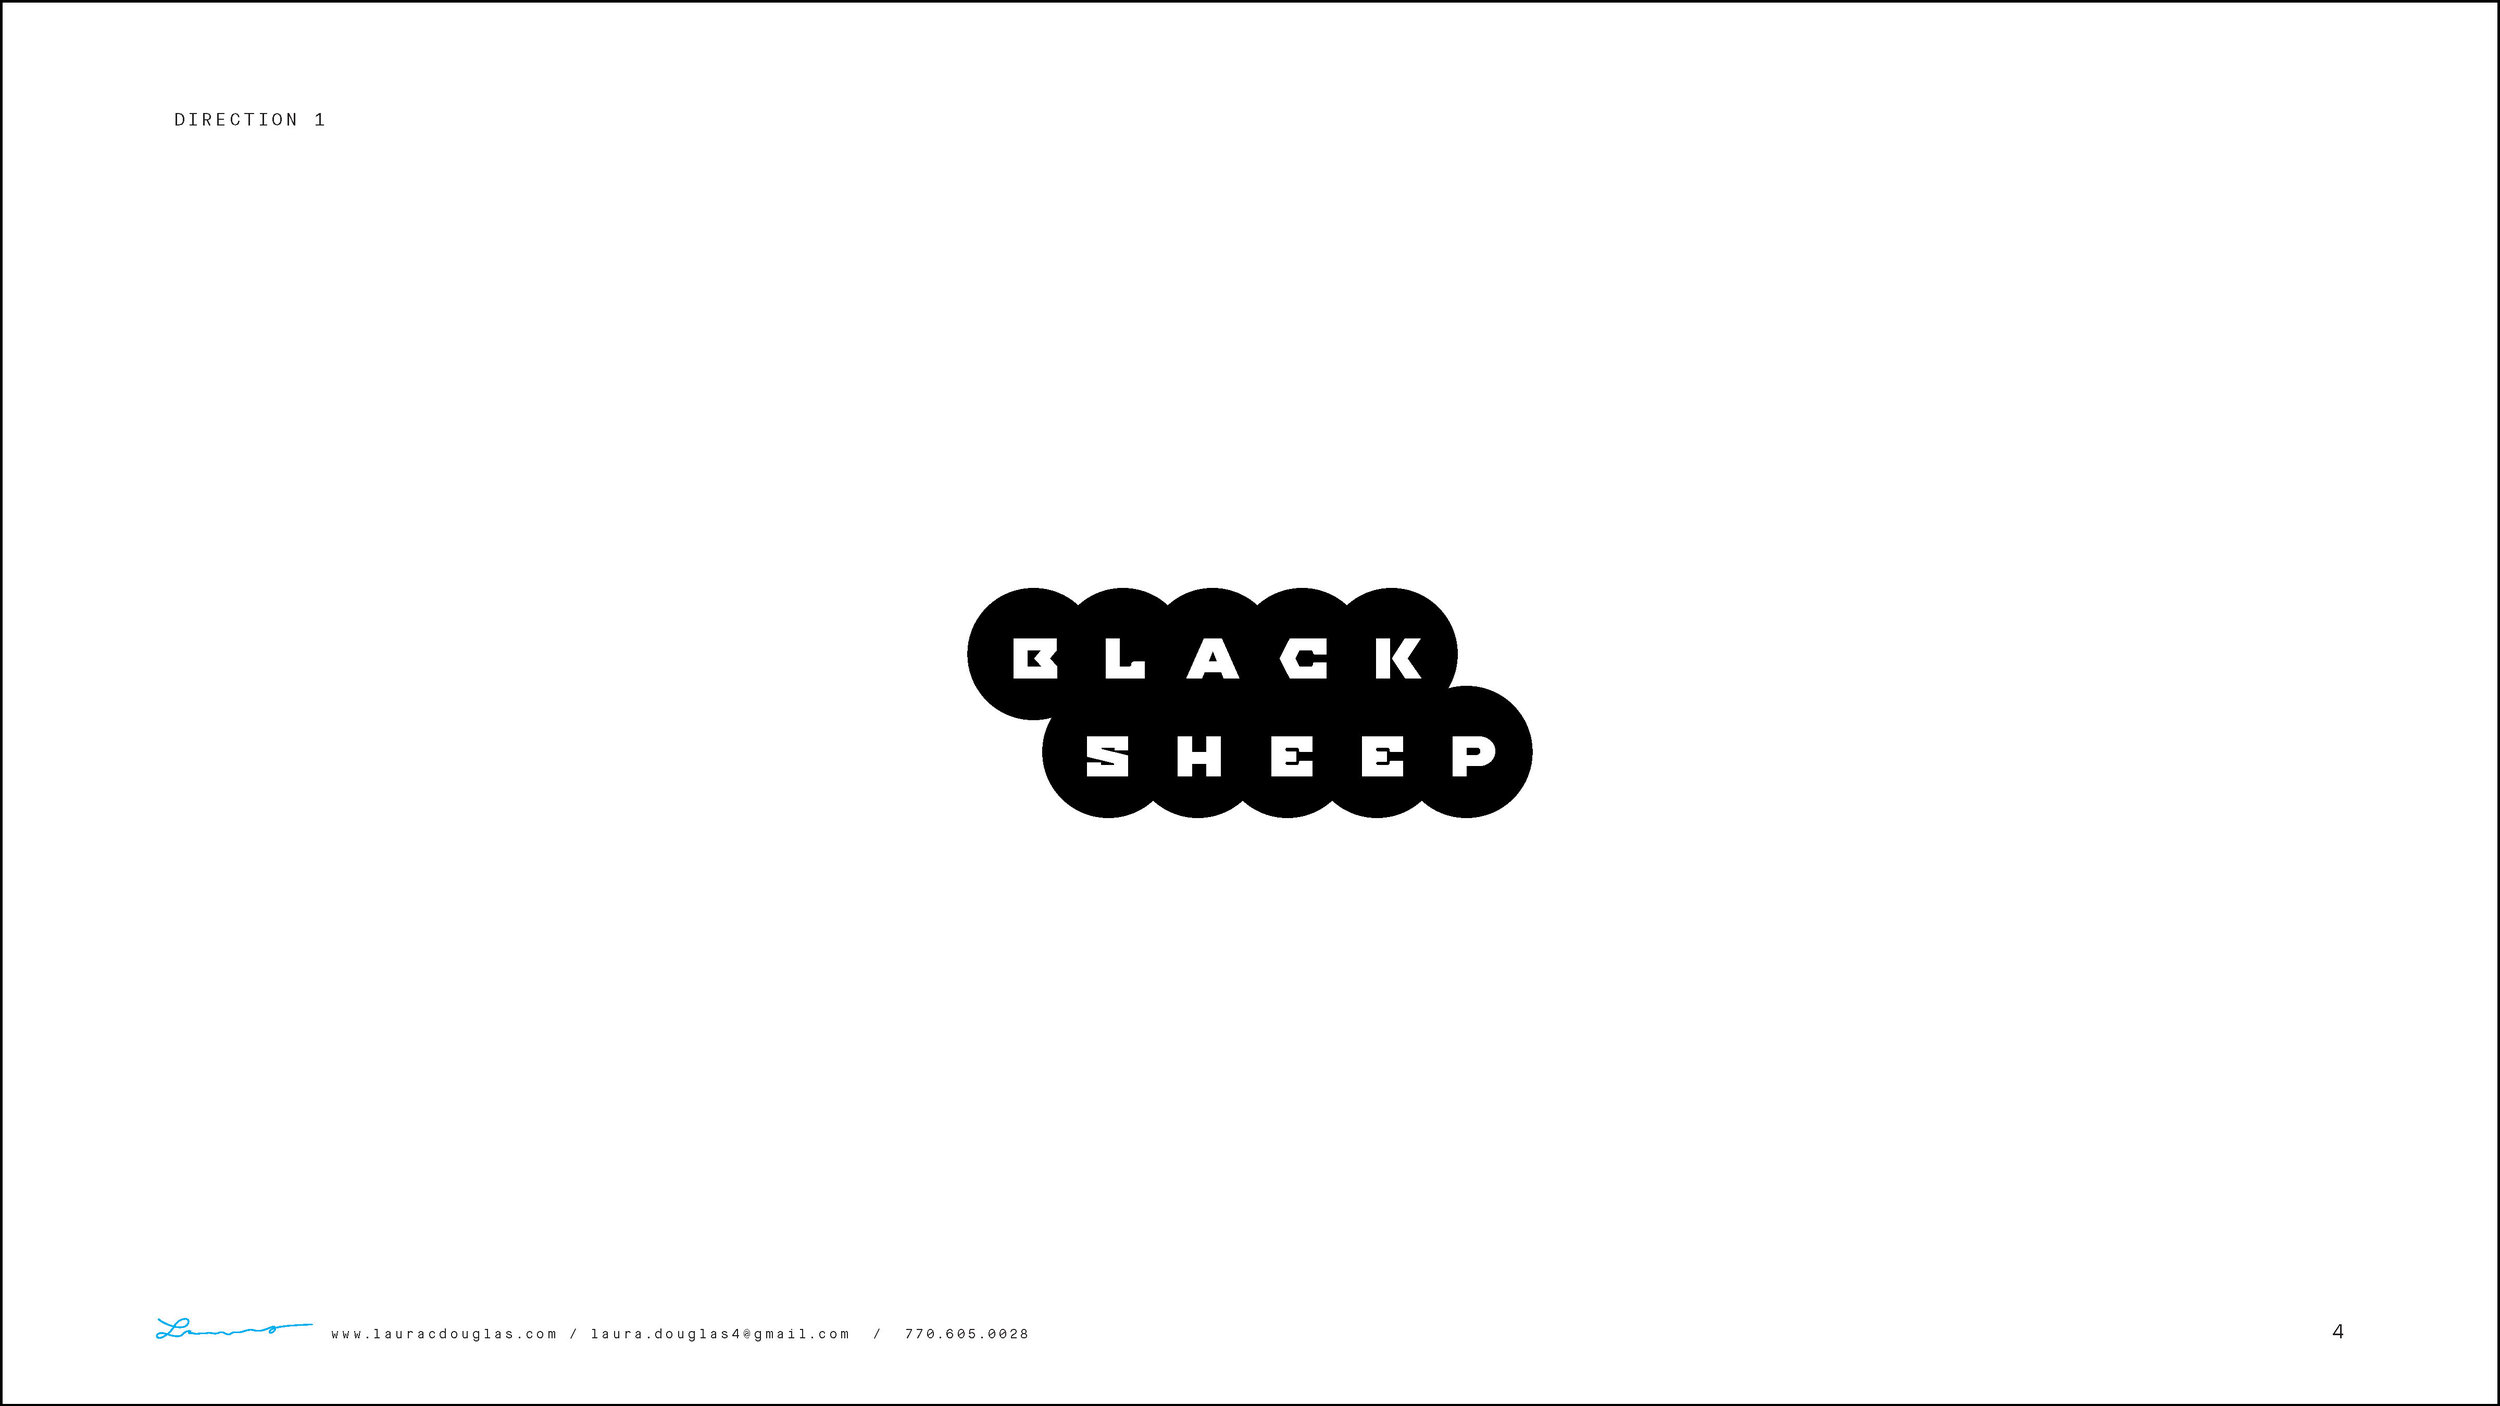 BlackSheepManagement_Logo_v1 2_Page_04.jpg